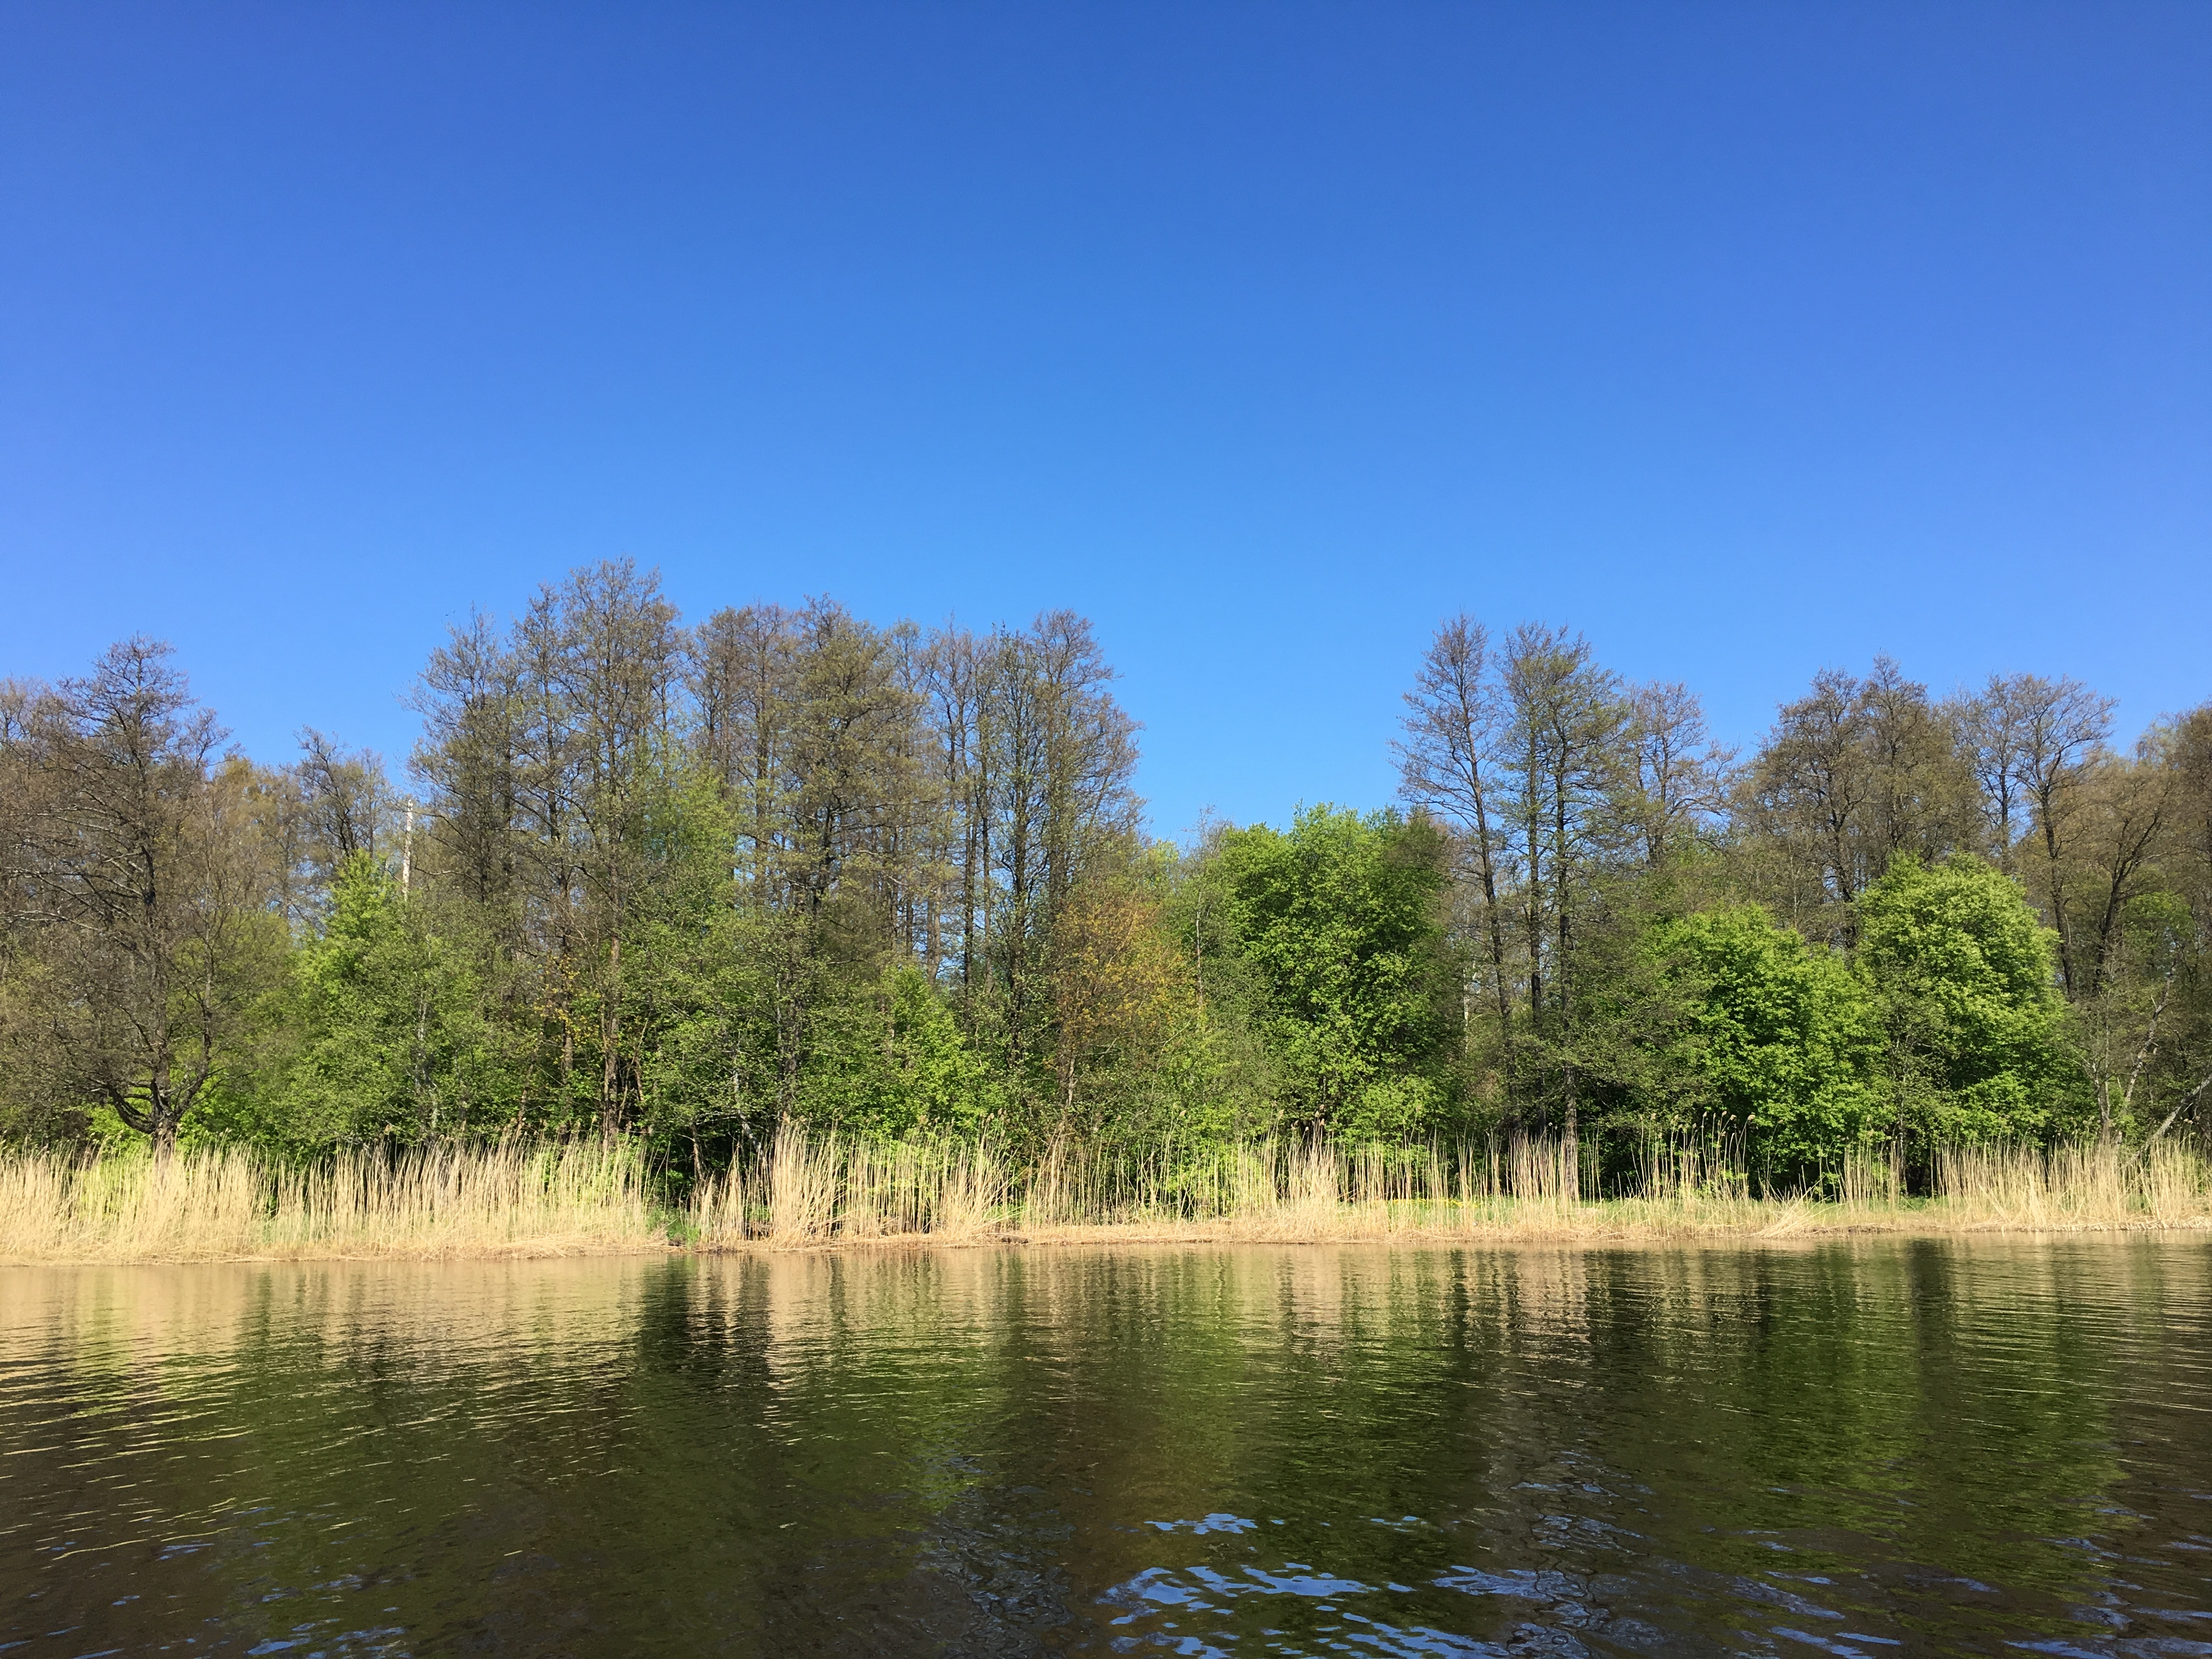 Рыбалка небо лес лещ май речной пейзаж юрмала лиелупе пейзажи природы Альберт Сафиуллин